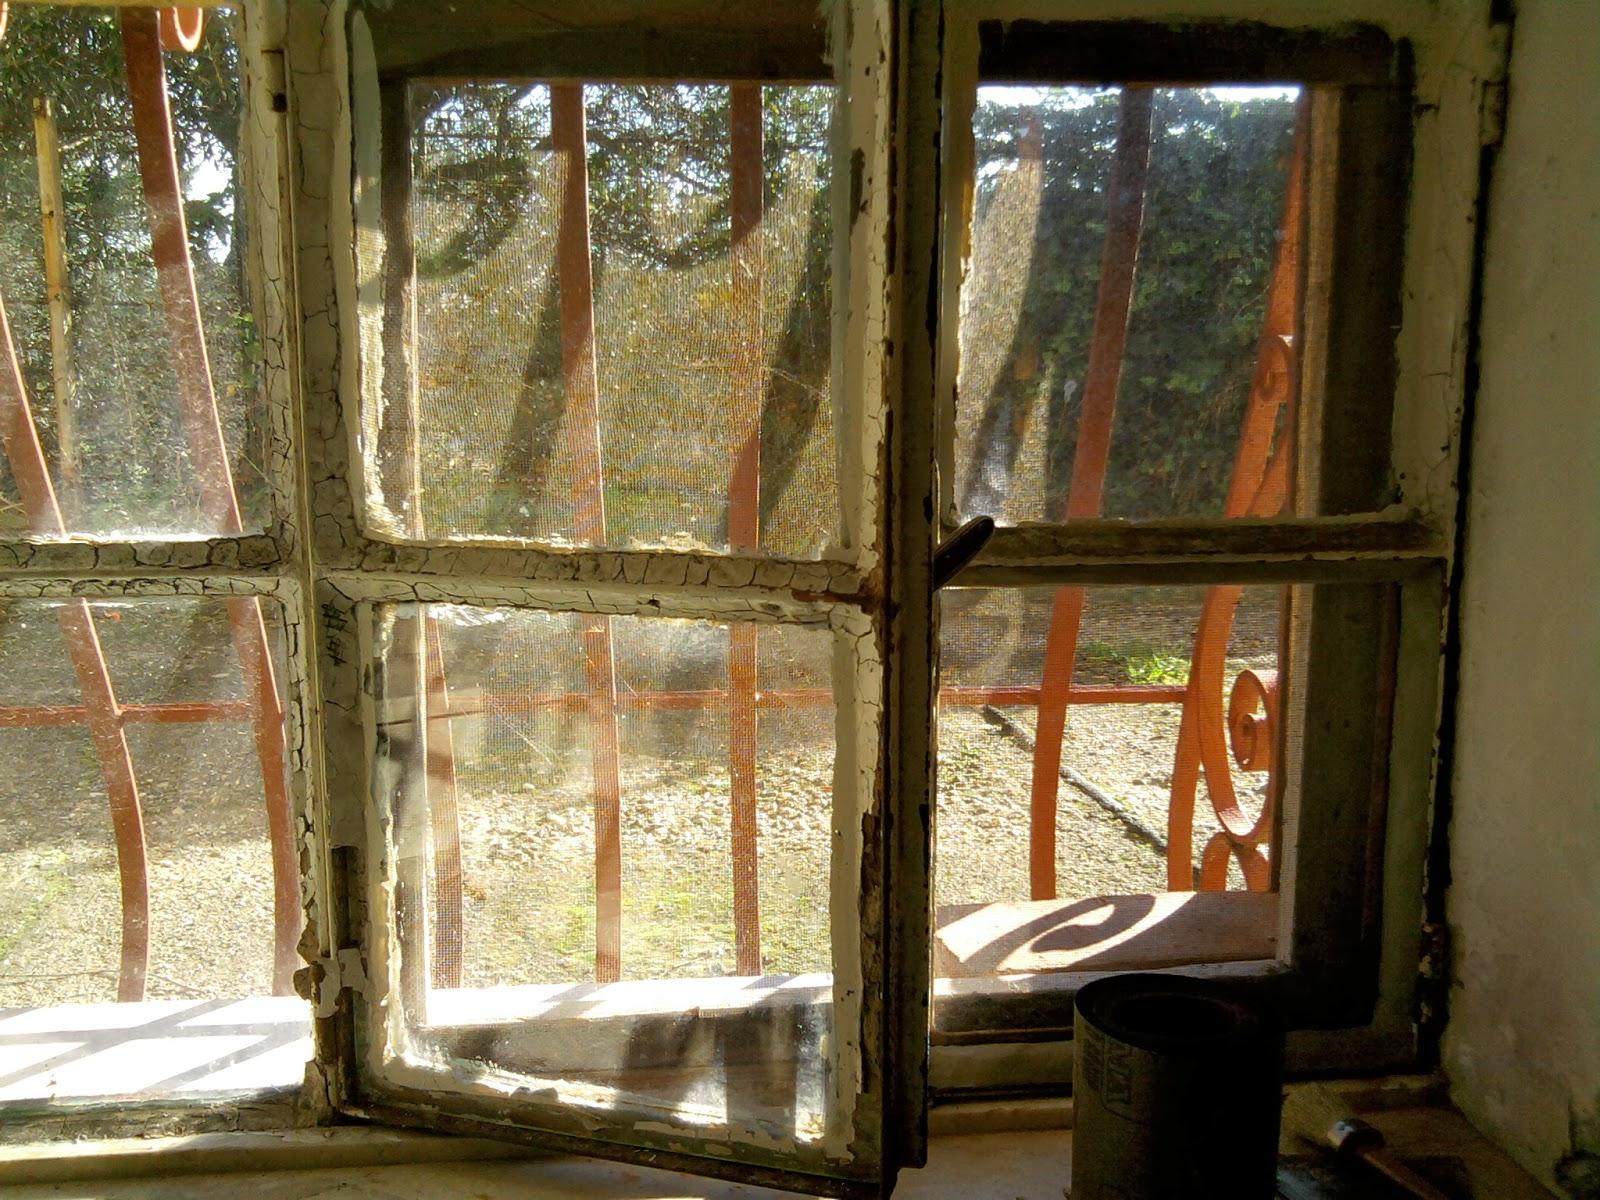 Consigli pratici fissare vetri a telai di metallo o legno - Vetri antiriflesso per finestre ...